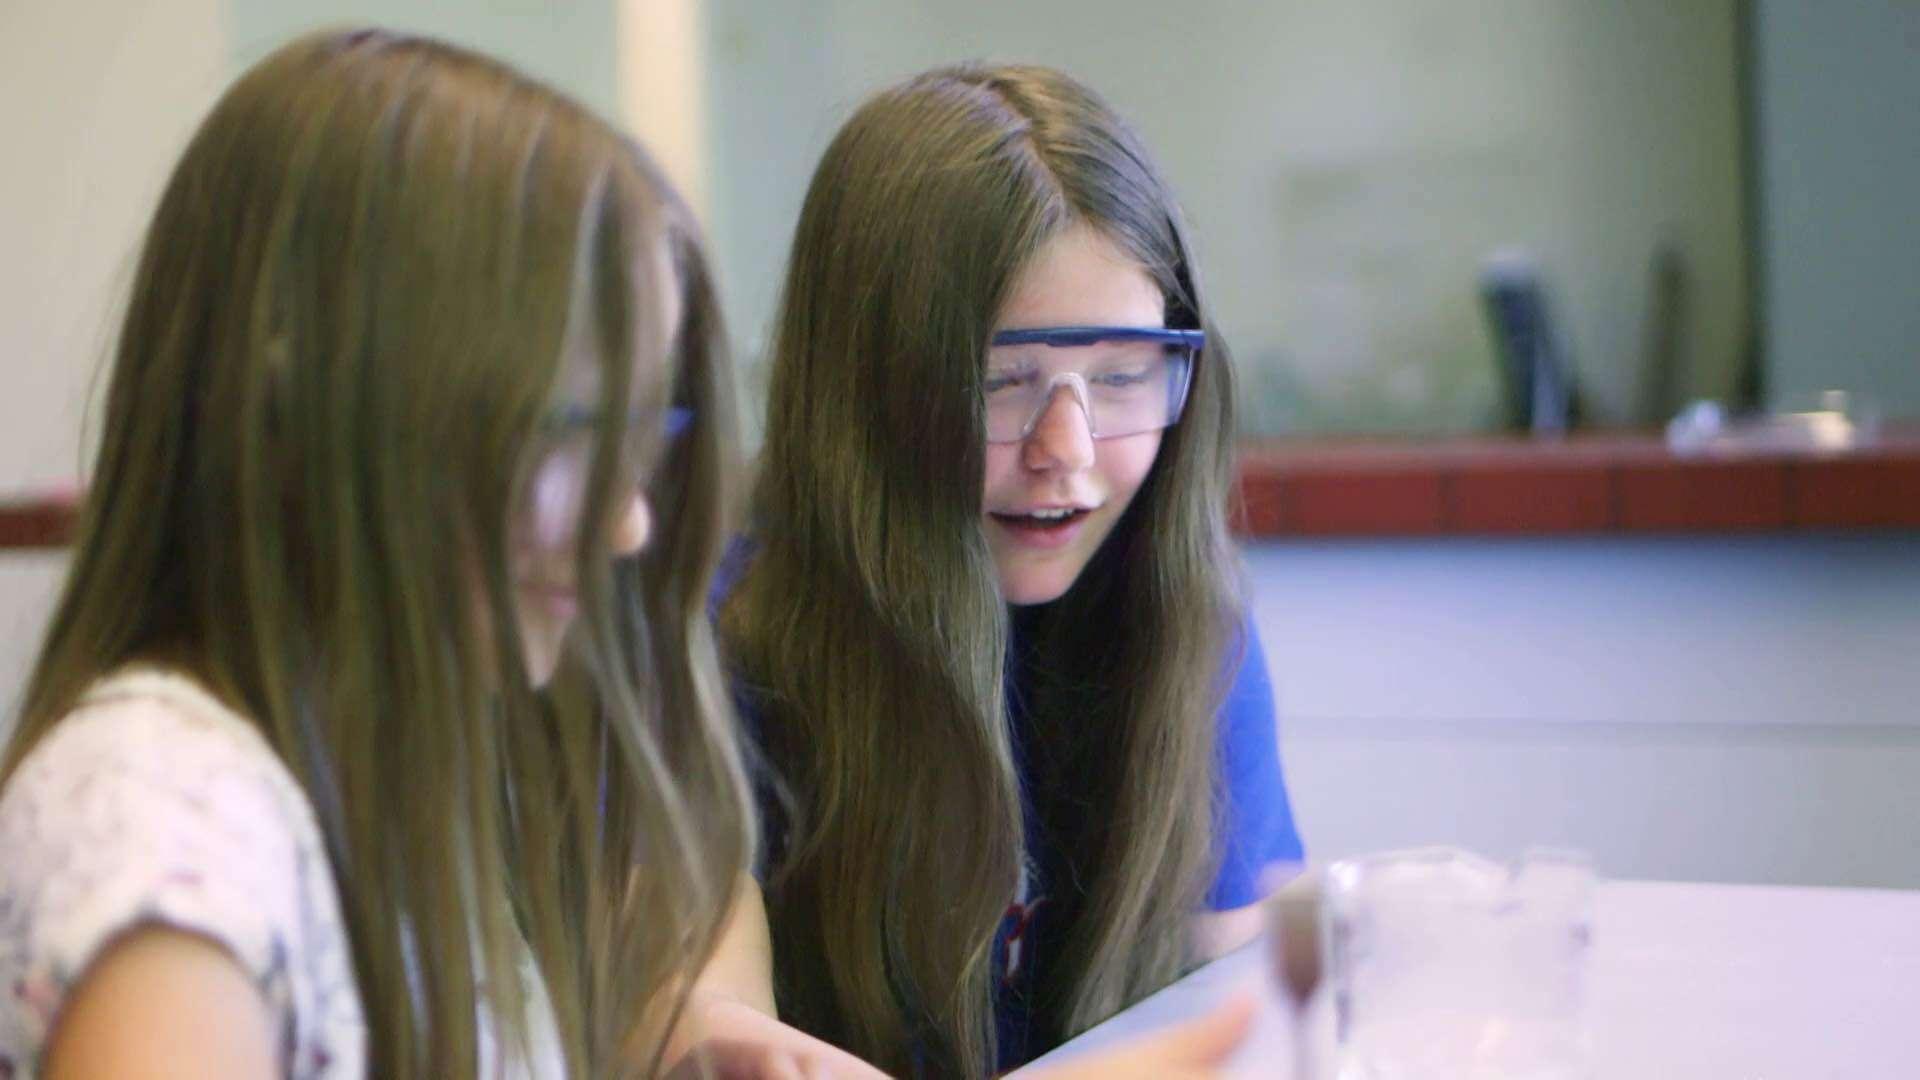 Zwei braunhaarige Mädchen sitzen mit Schutzbrillen in der Schule und machen ein Experiment